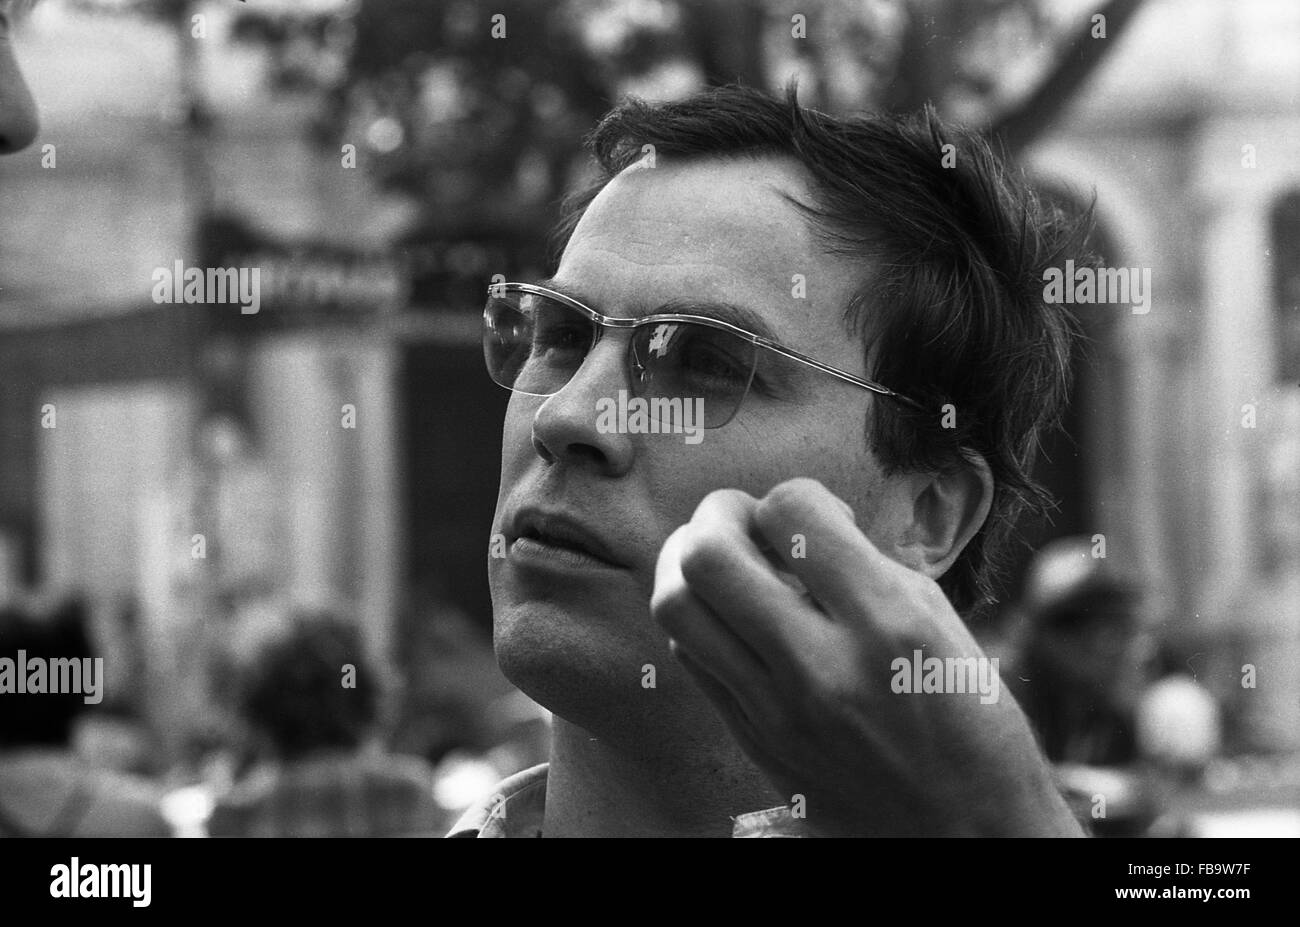 Robert Wilson, Avignon, 1976 -  France / Avignon  -  Robert Wilson, Avignon, 1976   -  Philippe Gras / Le Pictorium - Stock Image